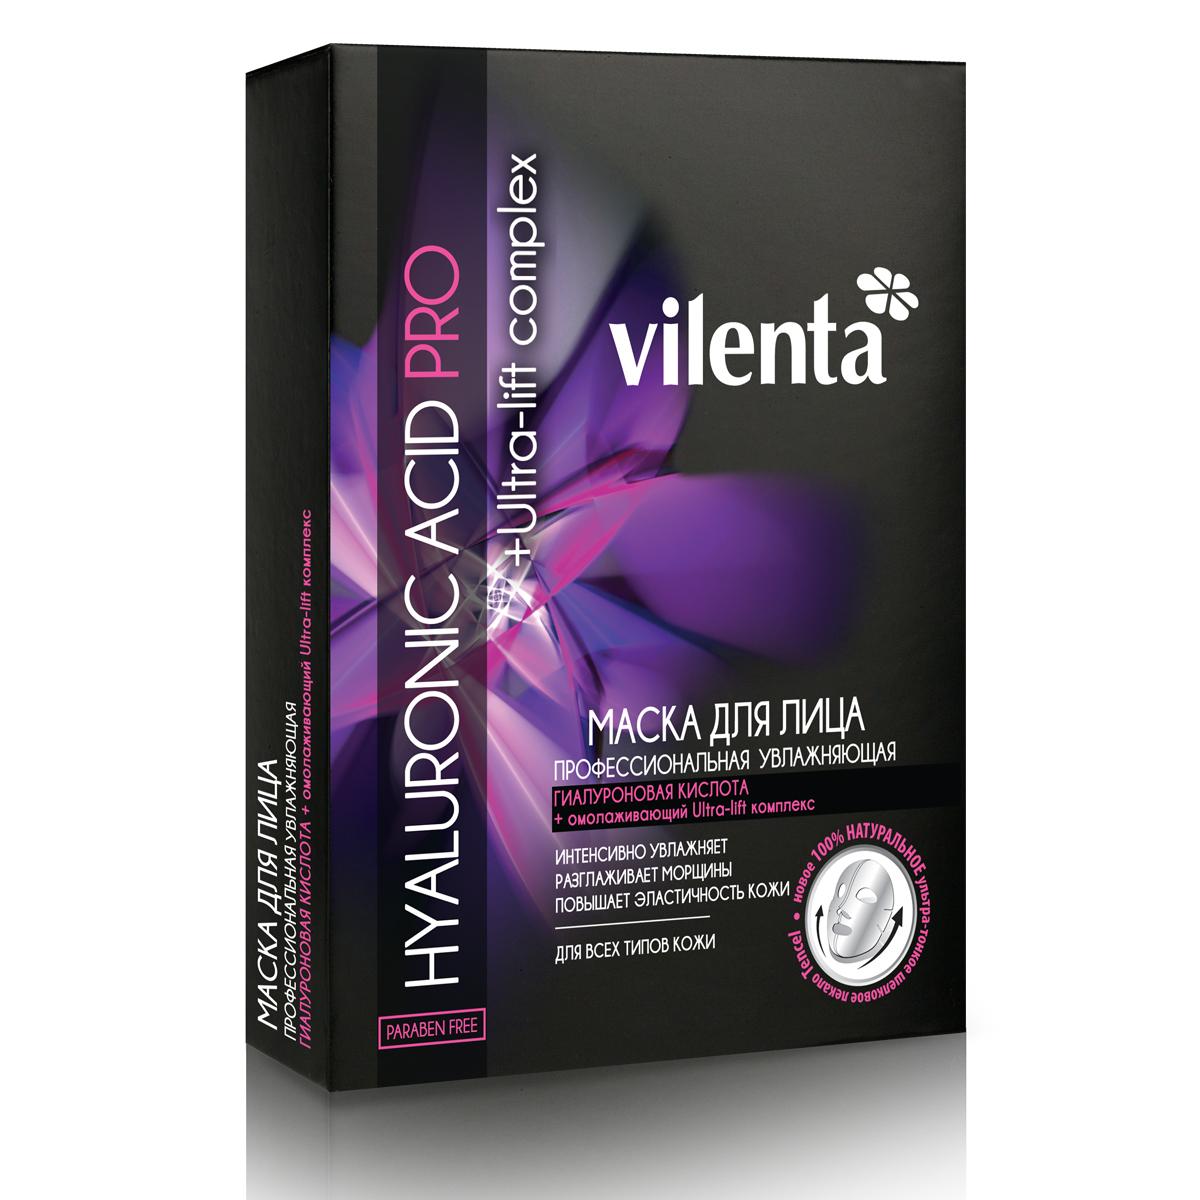 Vilenta Набор 35+ Увлажняющих масок для лица Hyaluronic Acid Pro, 140 мл